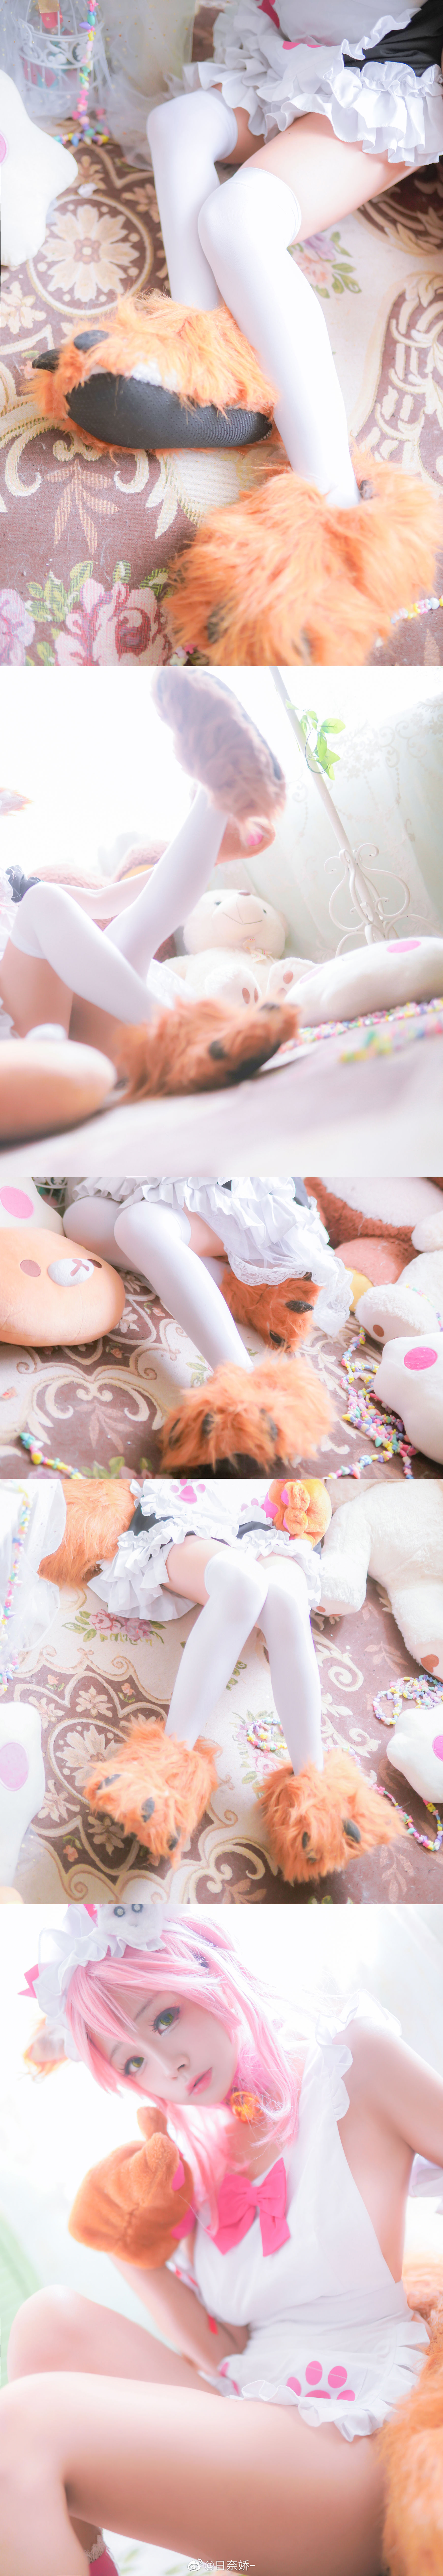 VOL.1661 [网络美女]COSPLAY:日奈娇(COSER日奈娇)高品质写真套图(9P)